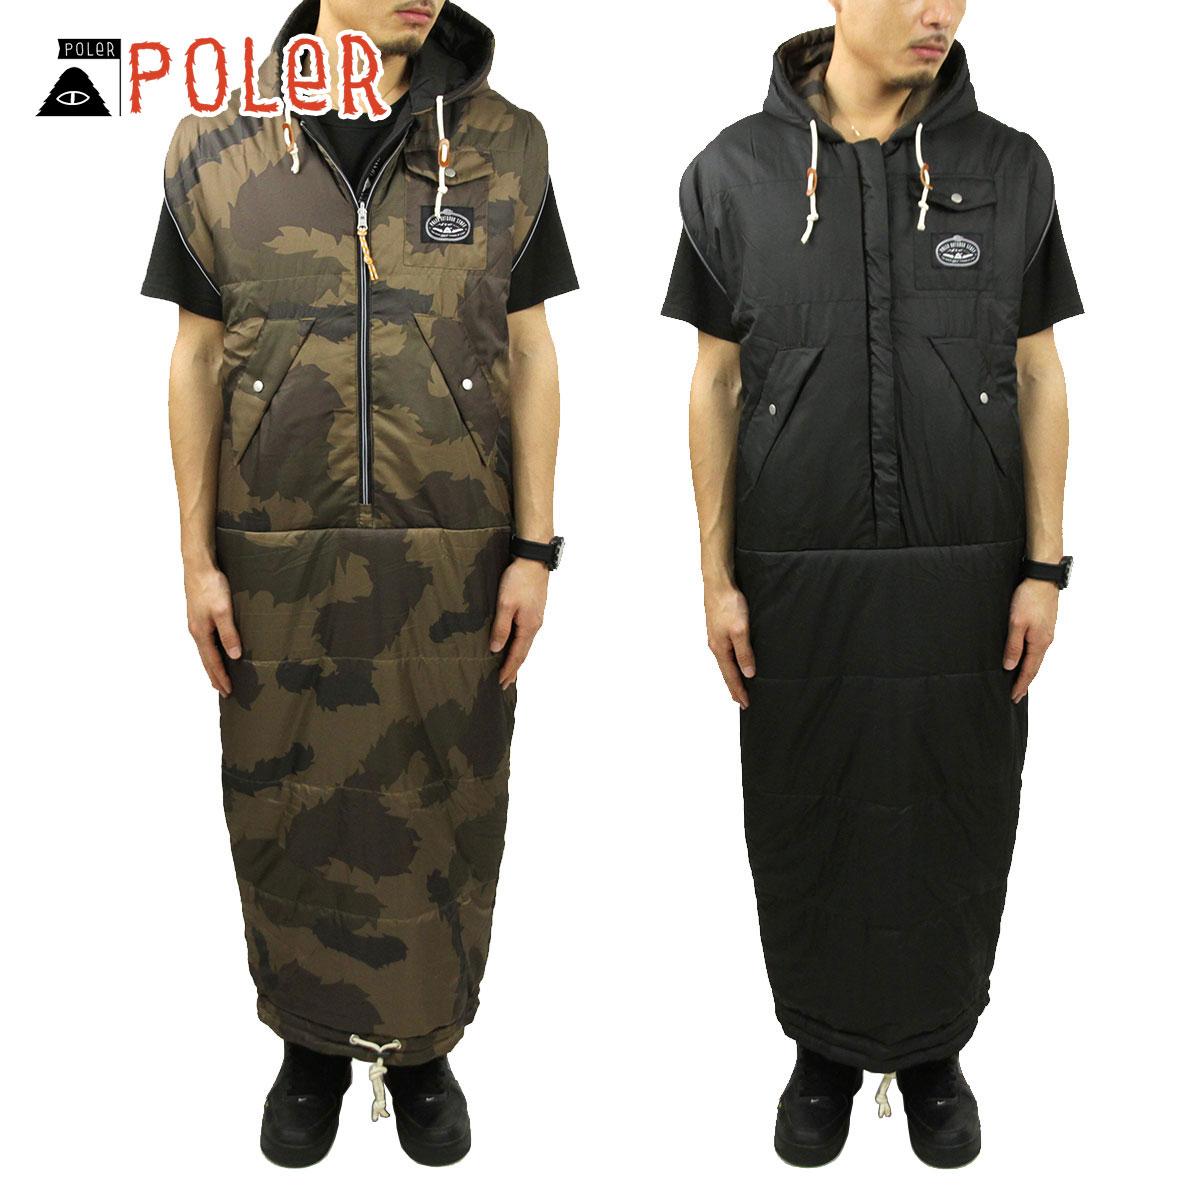 ポーラー POLER 正規販売店 リバーシブル マミー型寝袋 REVERSIBLE NAPSACK 43550002-OCO OLIVE FURRY CAMO